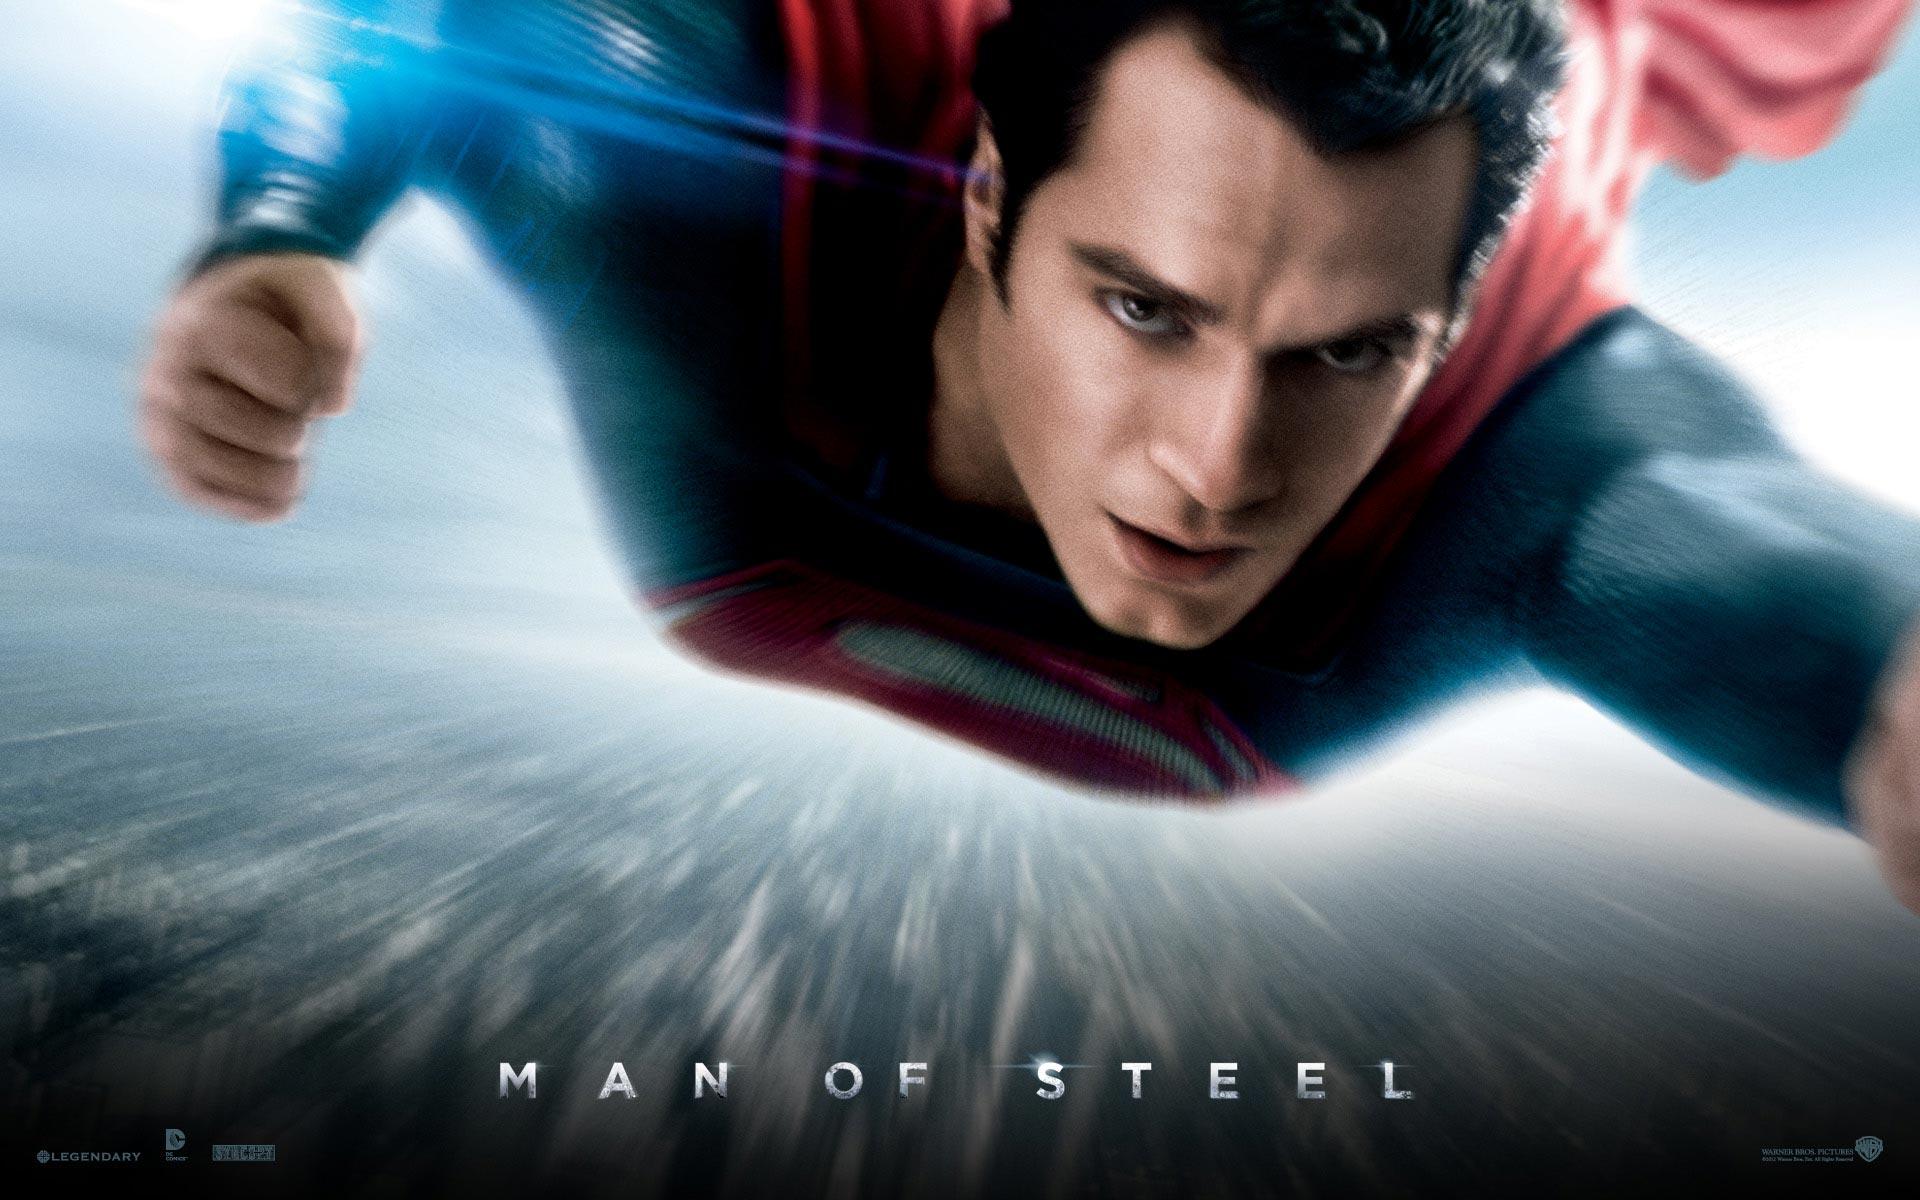 Άνθρωπος Aπό Aτσάλι (Man of Steel)